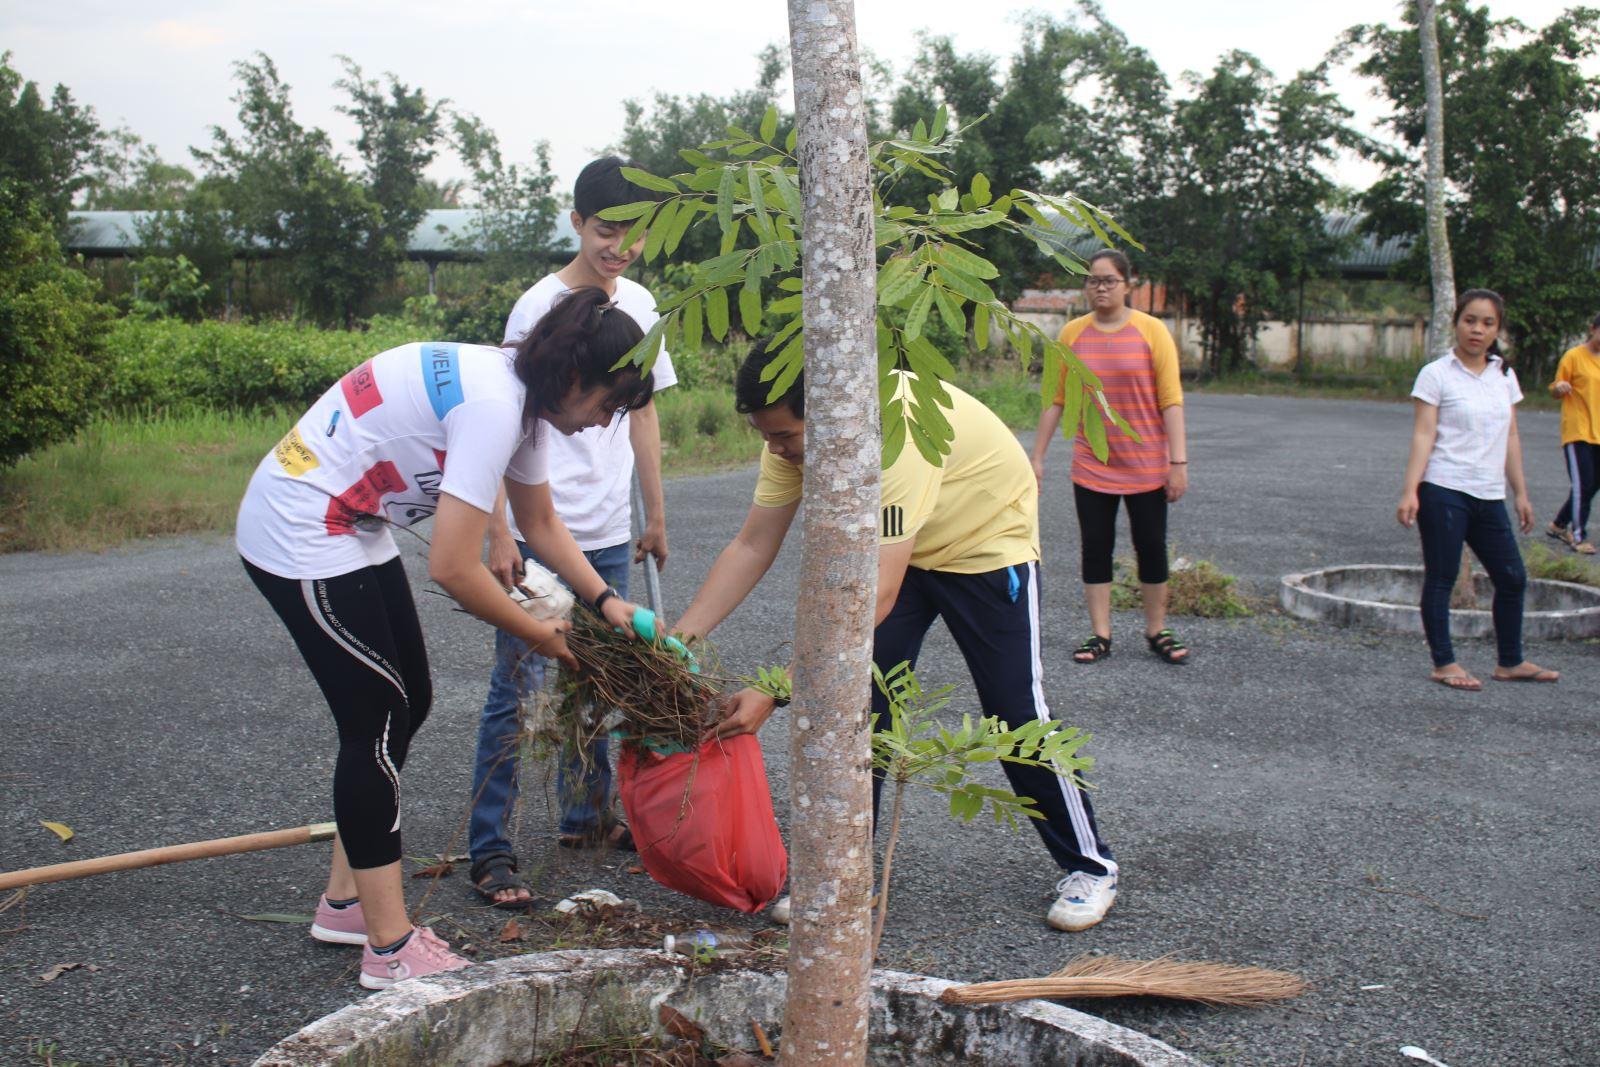 Sinh viên Phân hiệu ĐHQG-HCM tại tỉnh Bến Tre dọn dẹp vệ sinh Mừng năm học mới 2018 - 2019